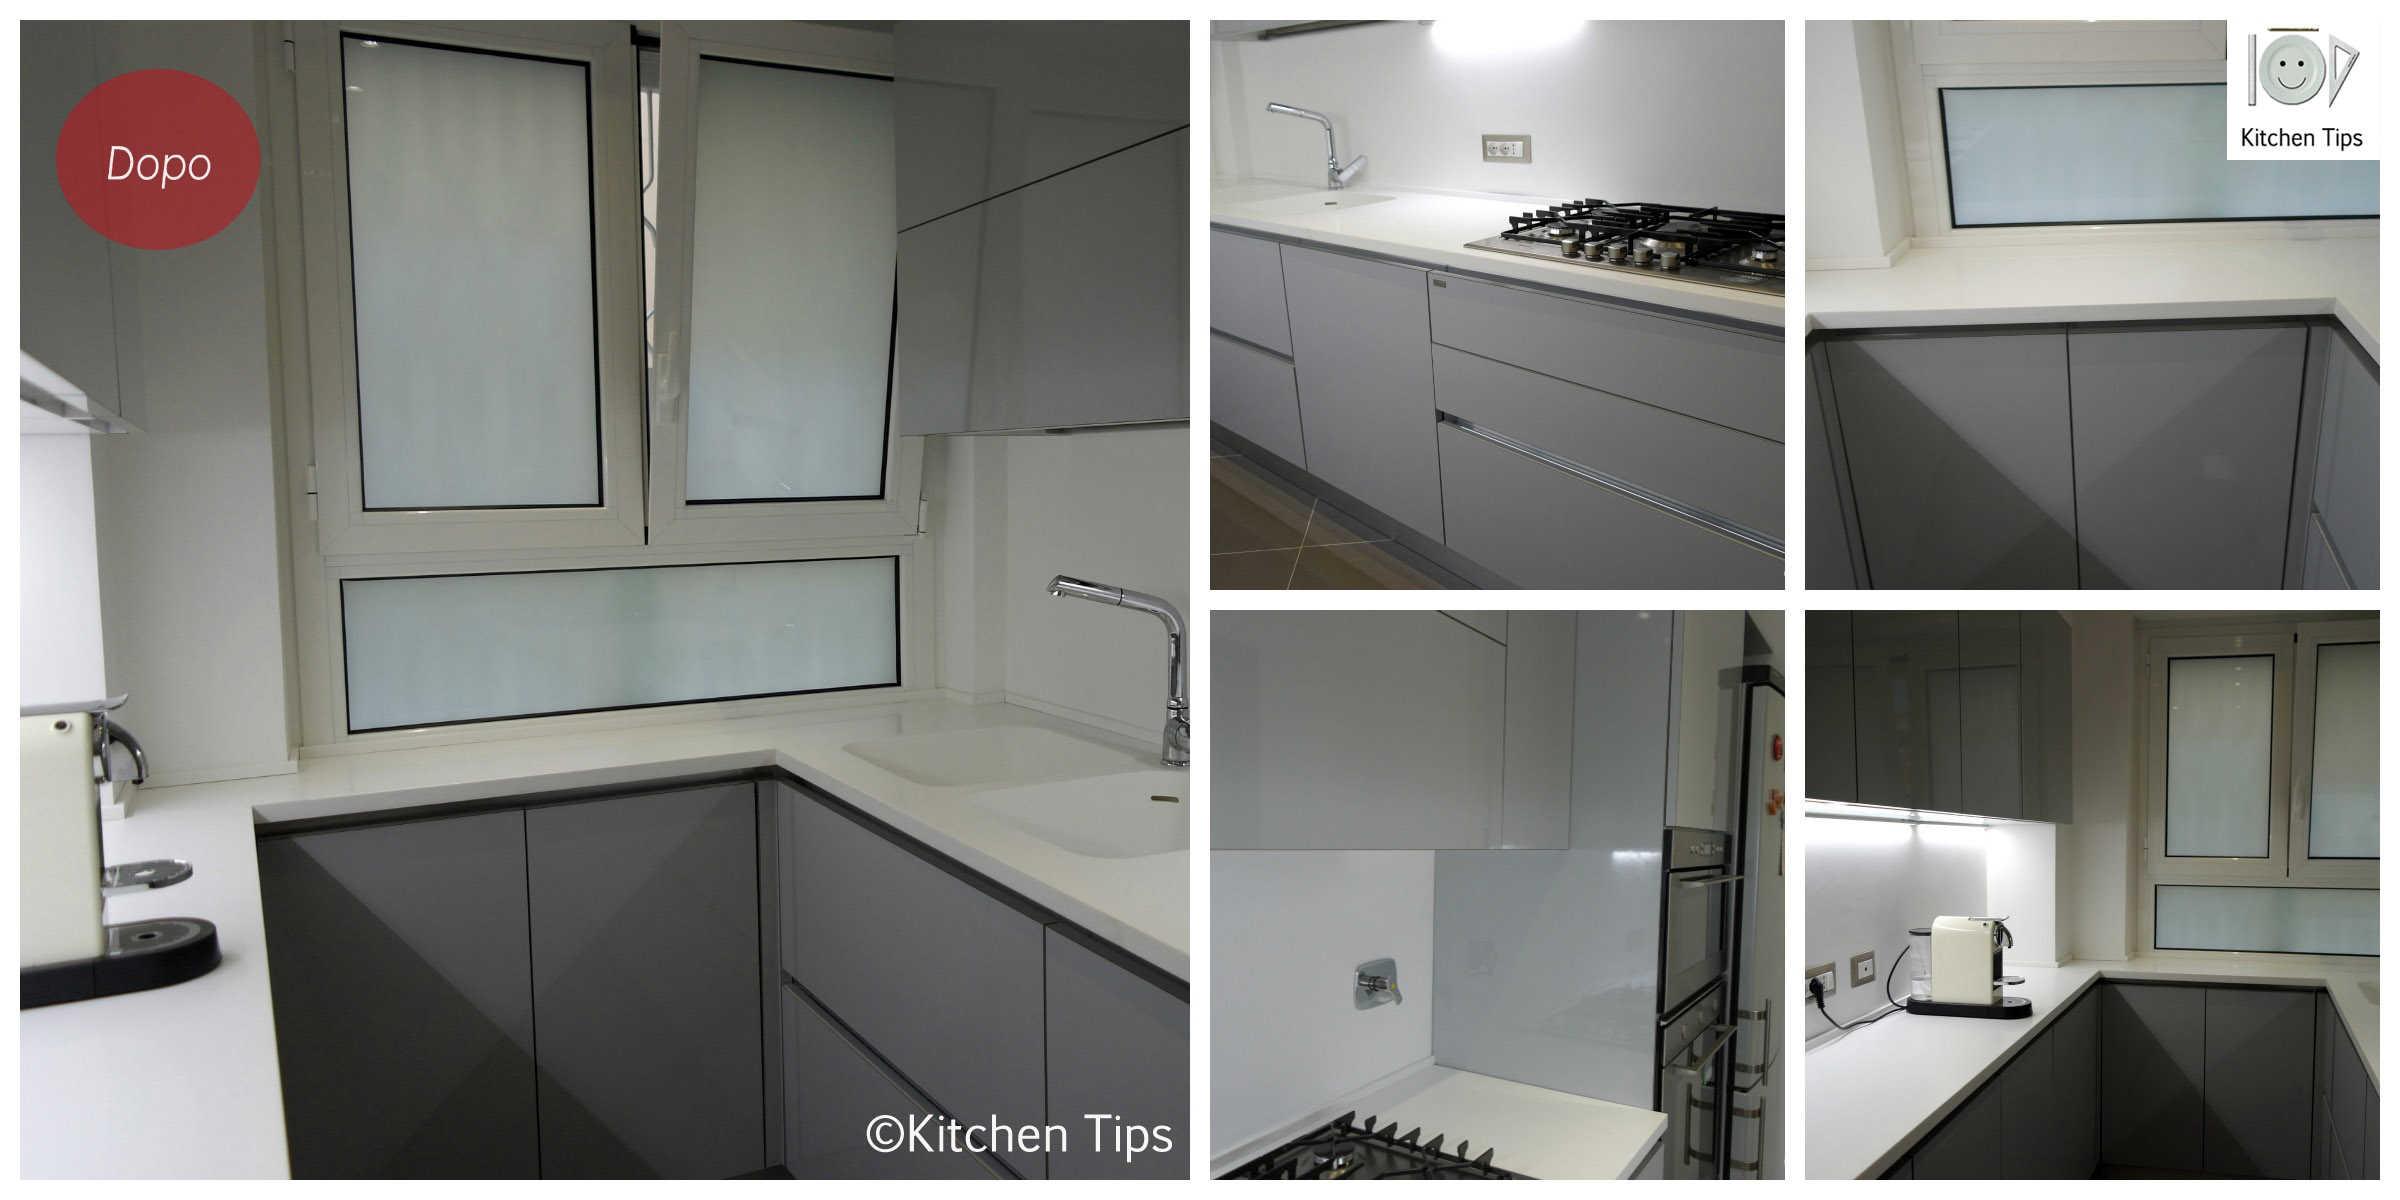 La Casa degli Sposi: Cambiare la Cucina con la Kitchen Personal ...